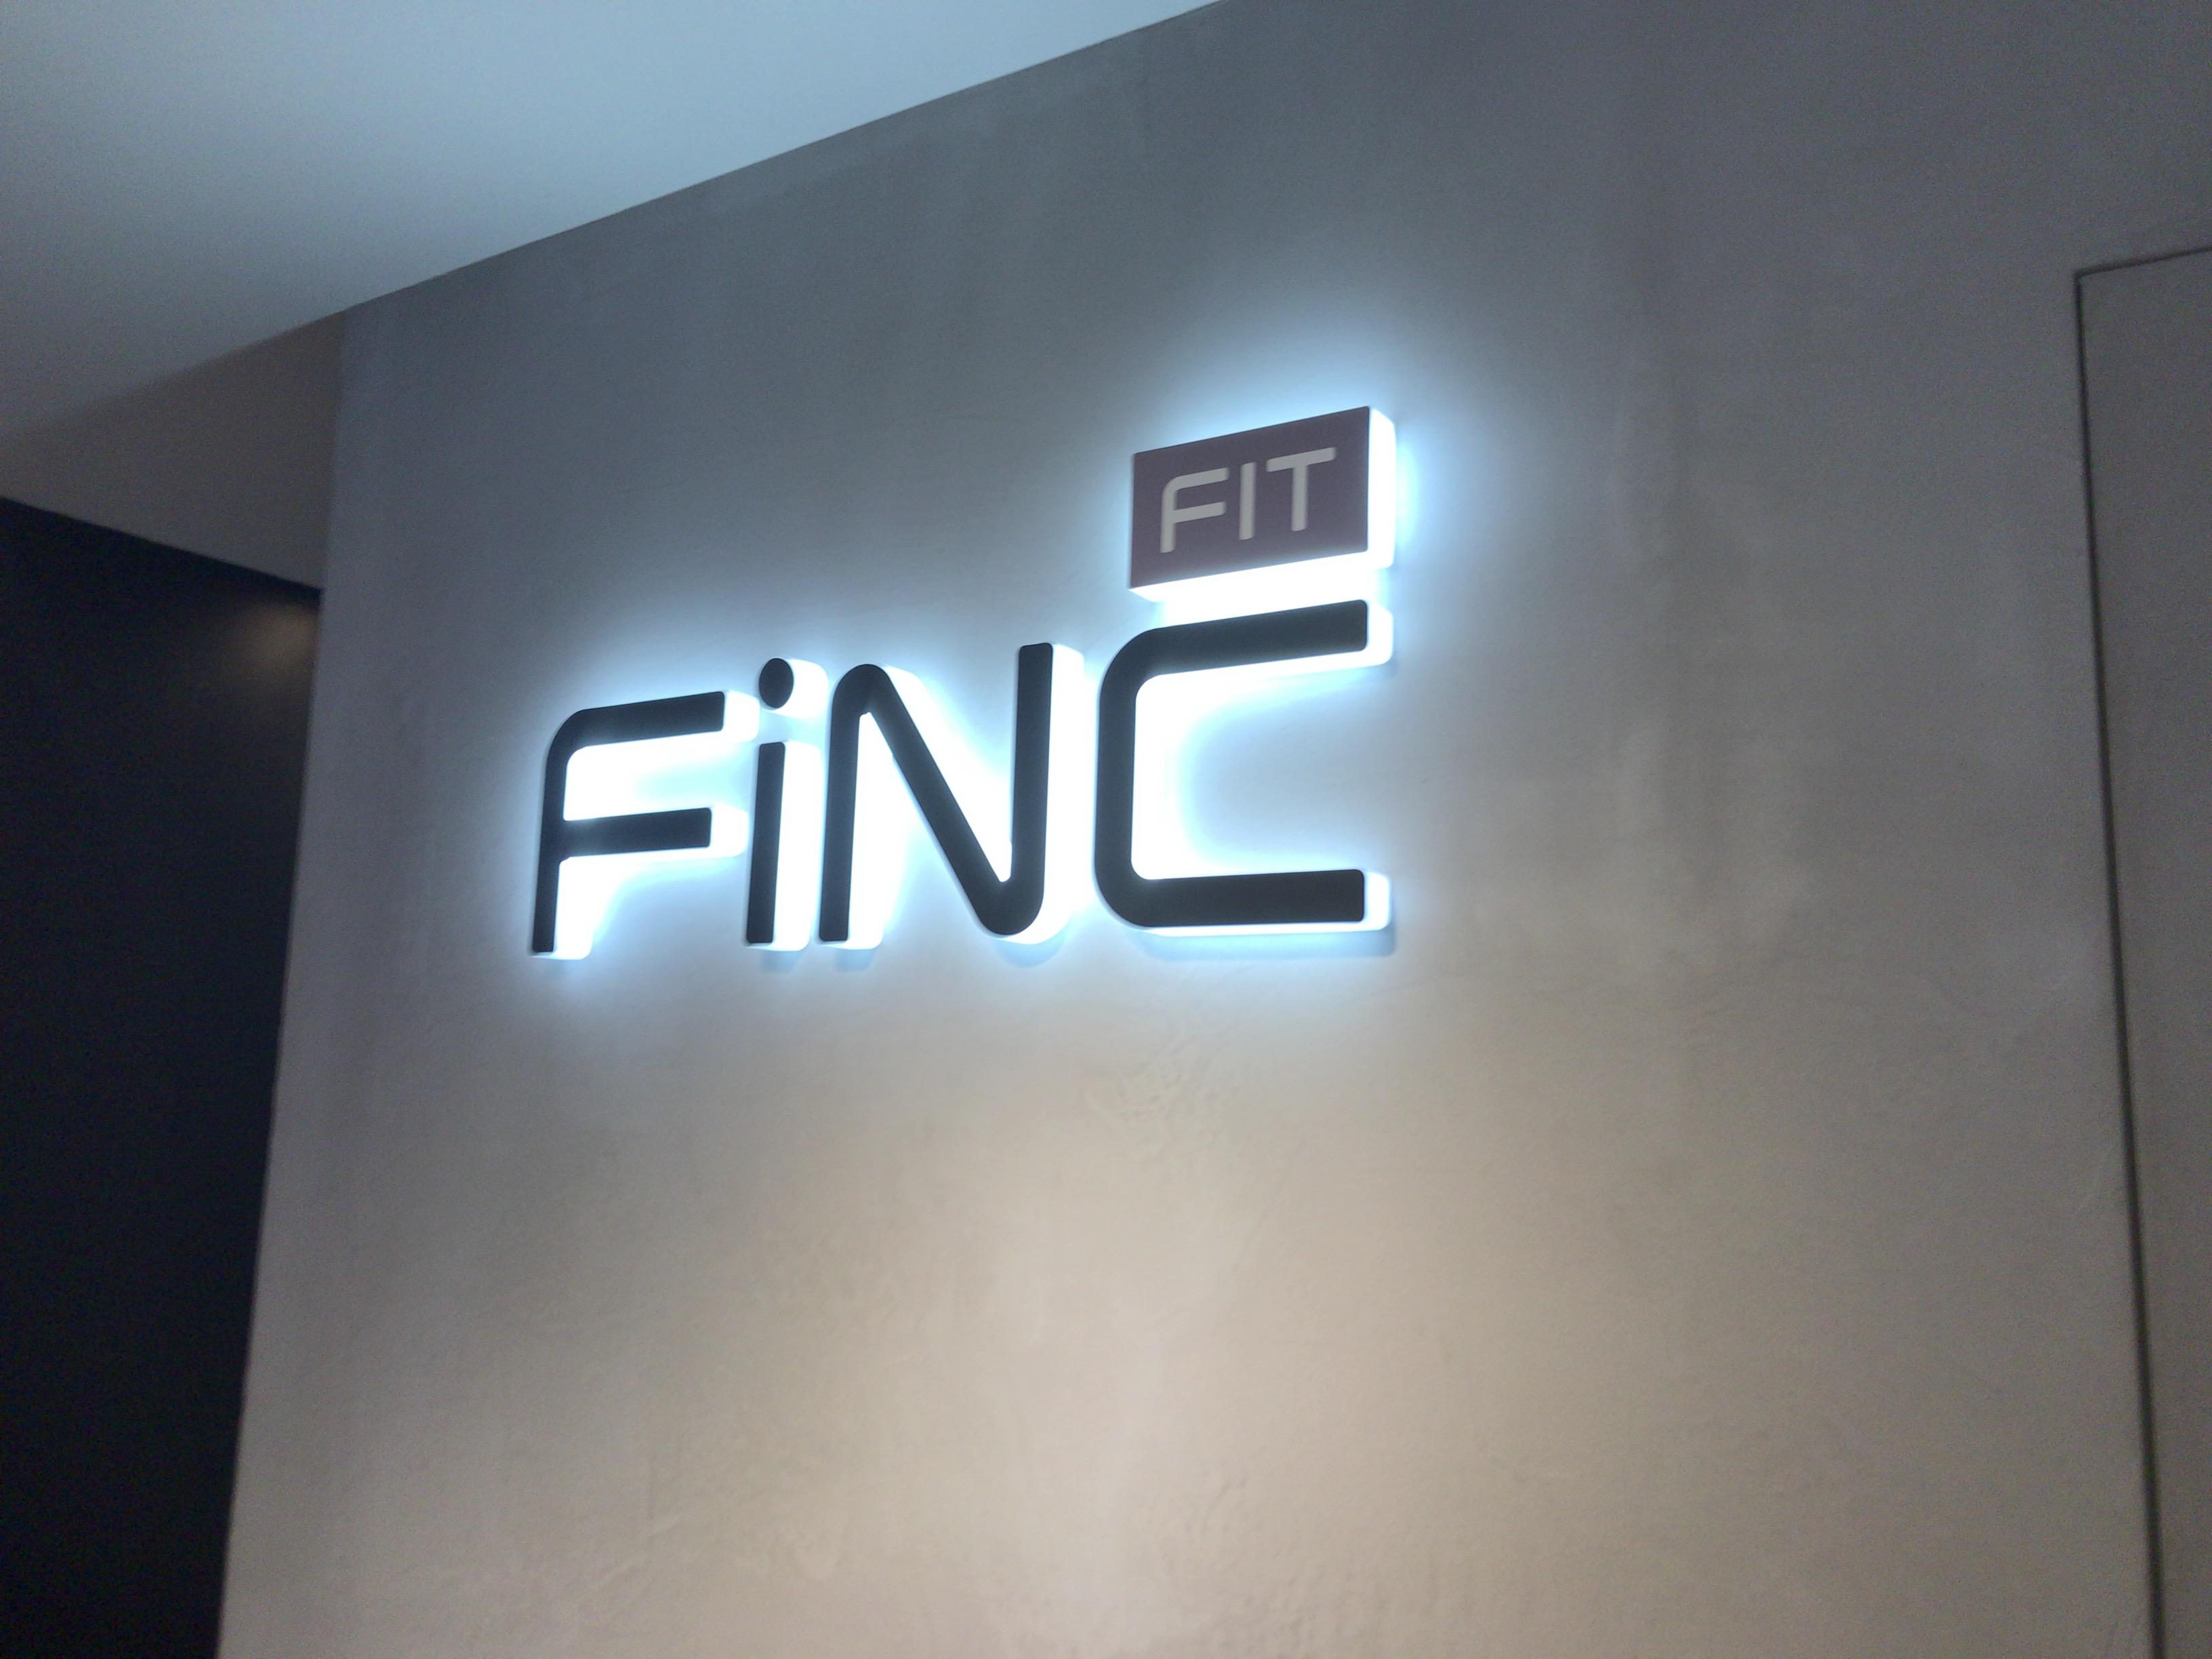 FiNC FIT(フィンクフィット)の無料体験に行って分かった、RIZAP(ライザップ)と比較した強みと弱み